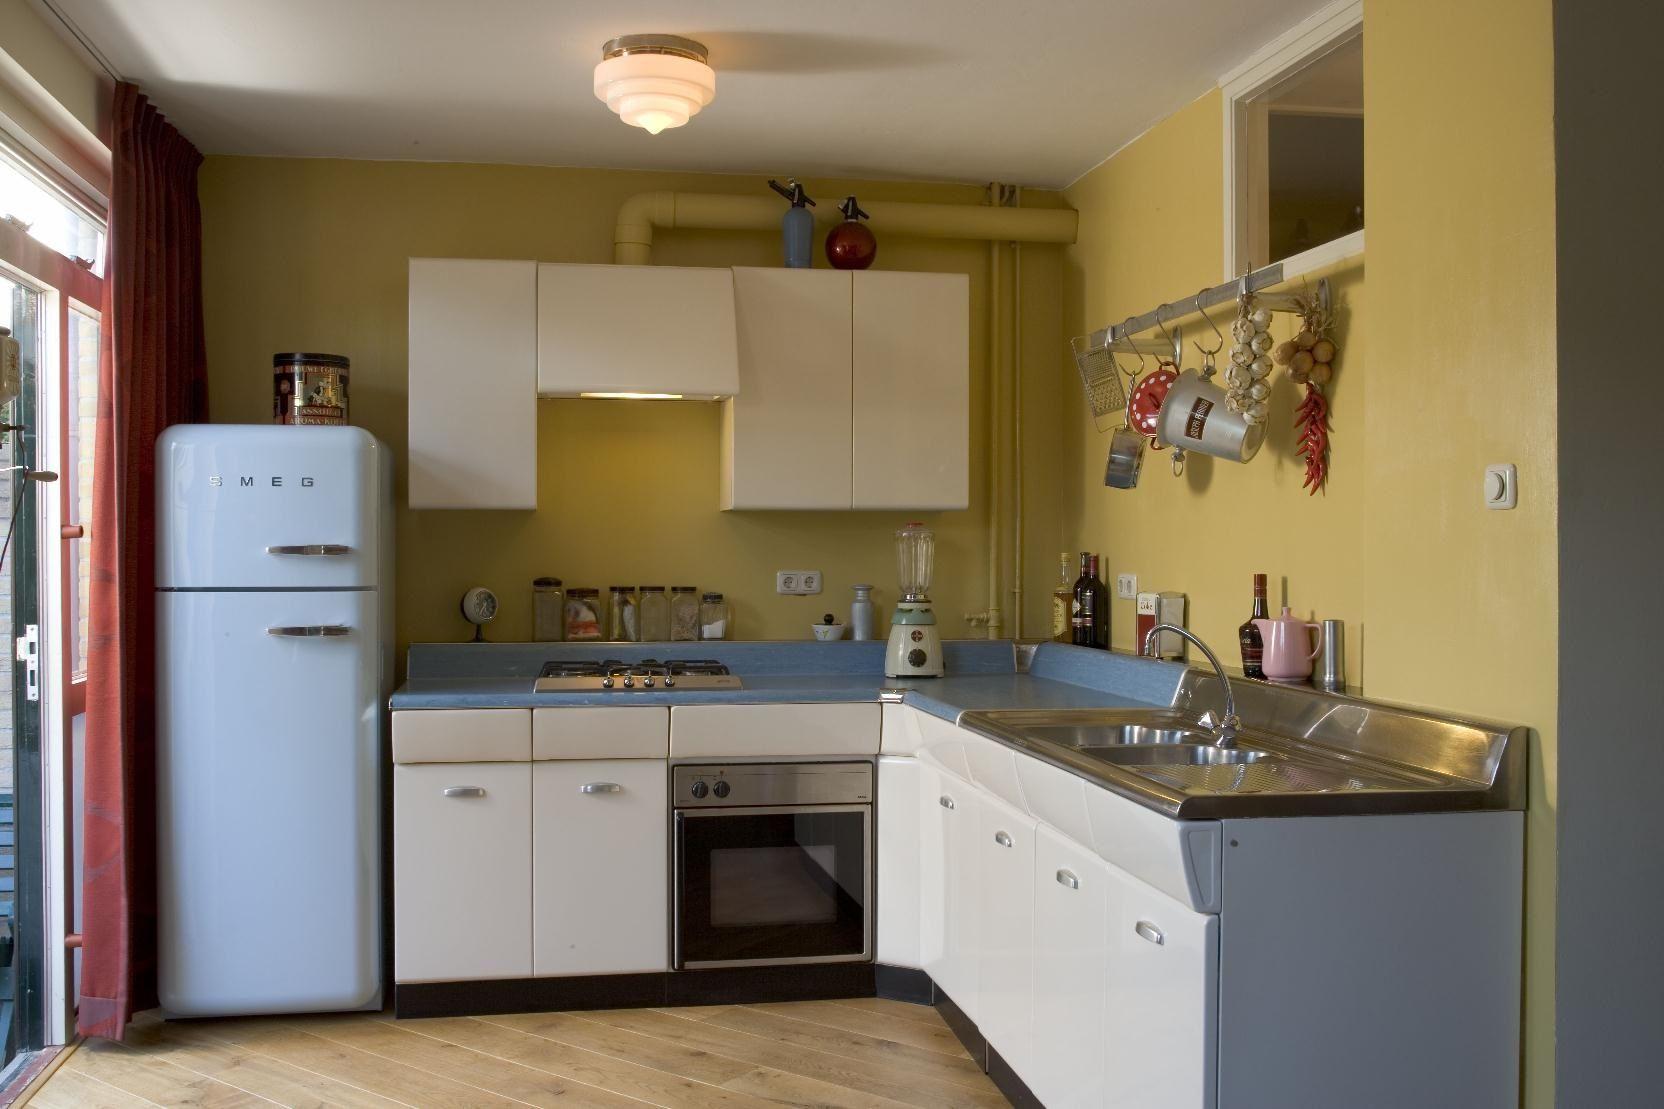 Retro keuken idfix bcl met smeg koelkast american for American kitchen design